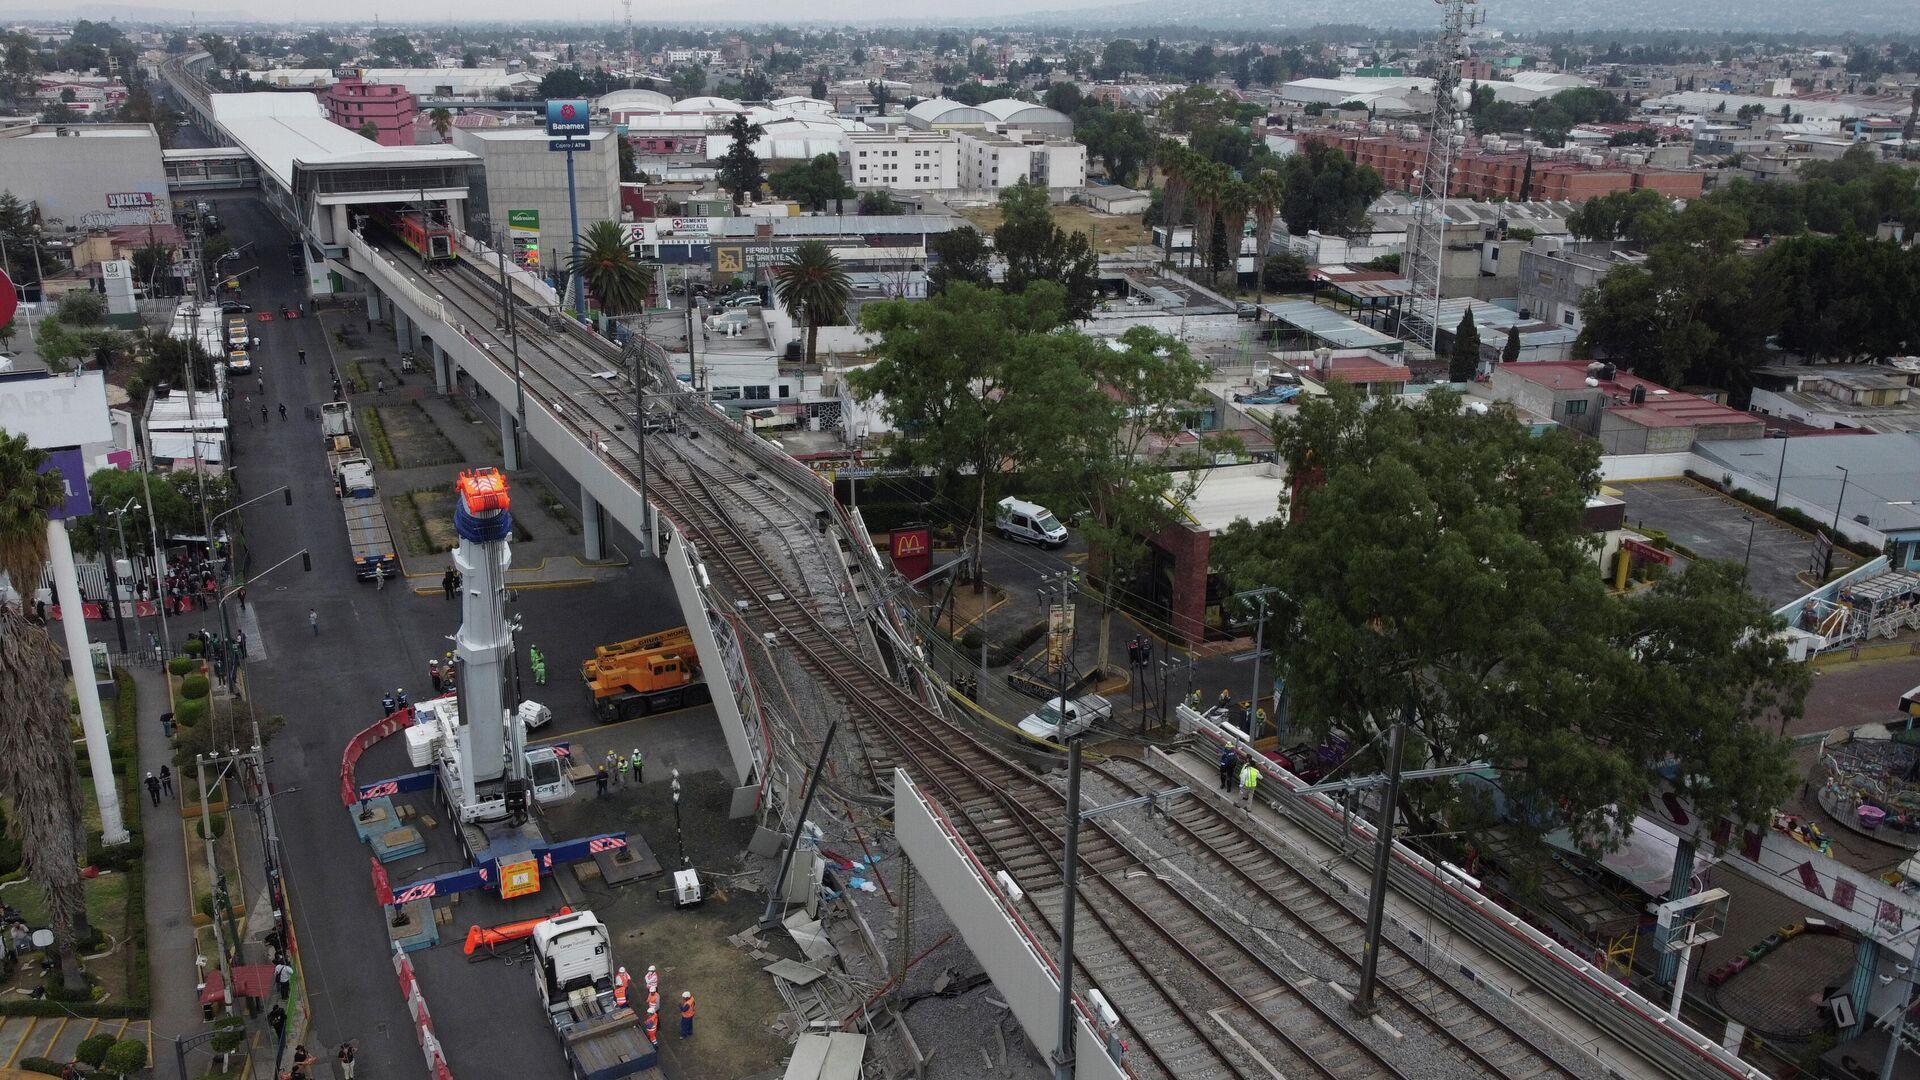 Lugar del derrumbe del puente en México - Sputnik Mundo, 1920, 05.05.2021